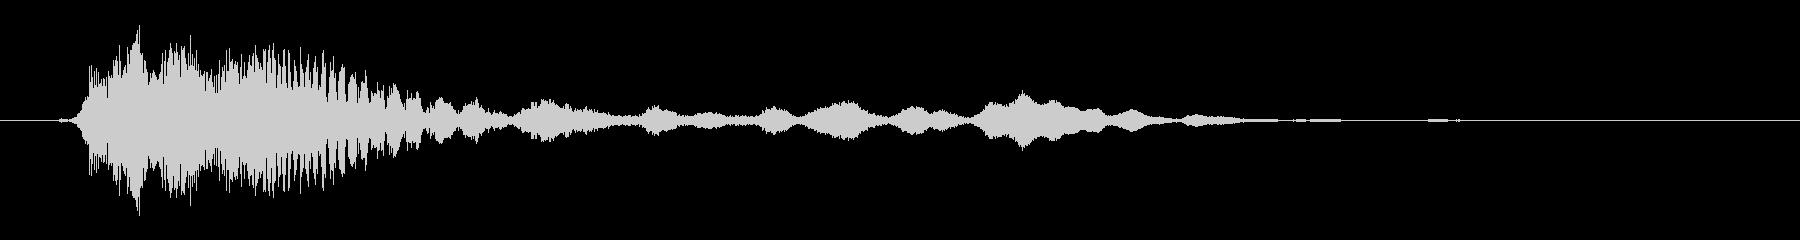 パチンコ、遊戯店台イベント音(ピキーン)の未再生の波形